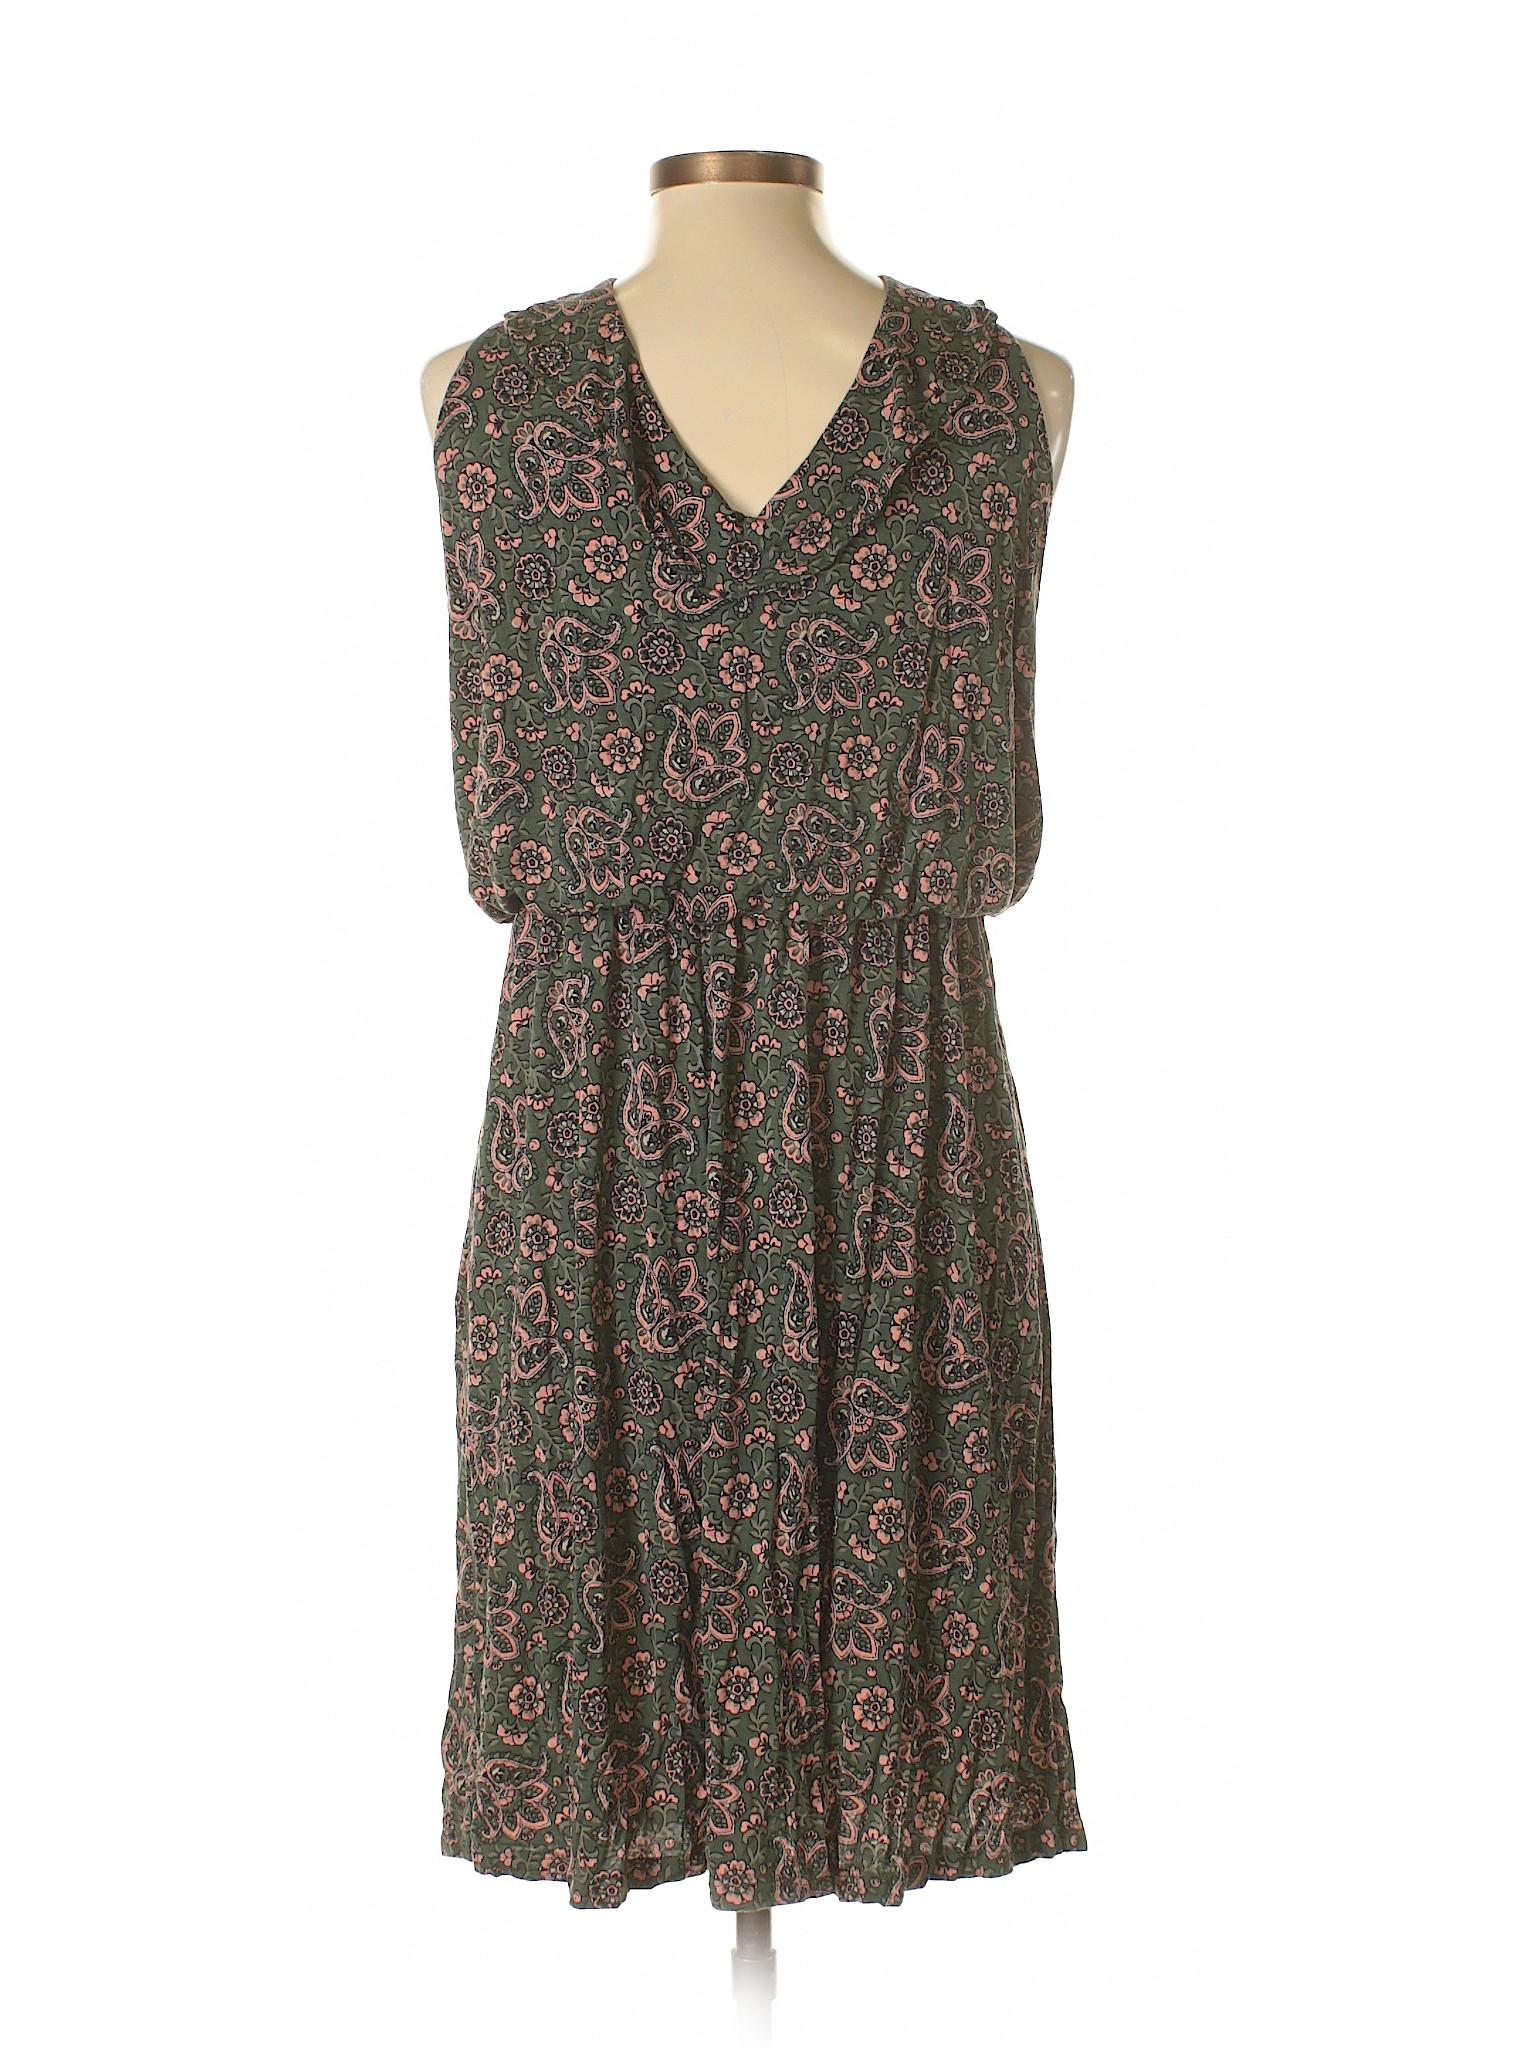 Ann winter Casual Dress Taylor Boutique LOFT w6xa7q05Tx